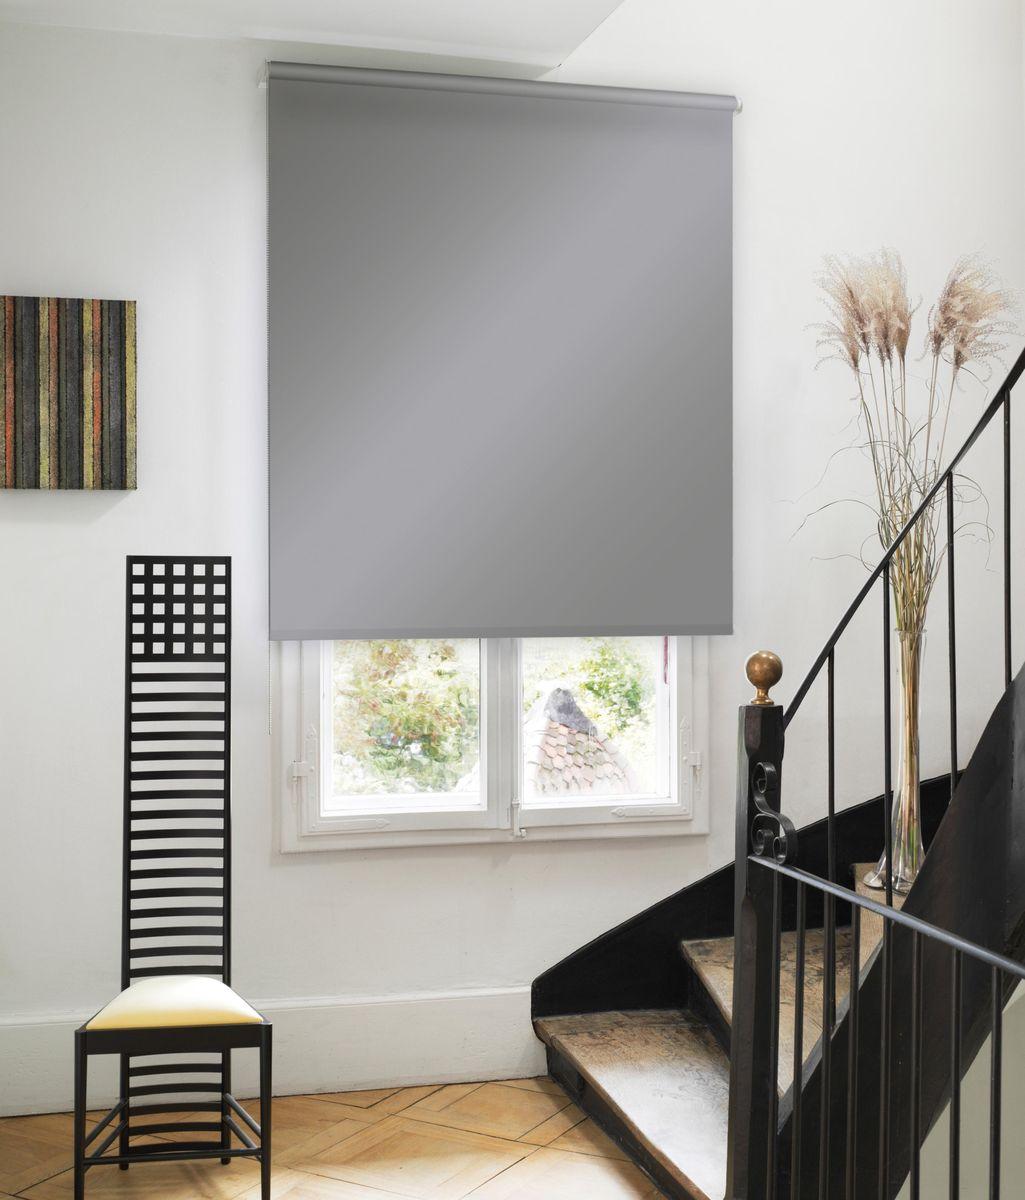 Штора рулонная Эскар, цвет: серый, ширина 130 см, высота 170 см81020130170Рулонными шторами можно оформлять окна как самостоятельно, так и использовать в комбинации с портьерами. Это поможет предотвратить выгорание дорогой ткани на солнце и соединит функционал рулонных с красотой навесных. Преимущества применения рулонных штор для пластиковых окон: - имеют прекрасный внешний вид: многообразие и фактурность материала изделия отлично смотрятся в любом интерьере; - многофункциональны: есть возможность подобрать шторы способные эффективно защитить комнату от солнца, при этом она не будет слишком темной. - Есть возможность осуществить быстрый монтаж. ВНИМАНИЕ! Размеры ширины изделия указаны по ширине ткани! Во время эксплуатации не рекомендуется полностью разматывать рулон, чтобы не оторвать ткань от намоточного вала. В случае загрязнения поверхности ткани, чистку шторы проводят одним из способов, в зависимости от типа загрязнения: легкое поверхностное загрязнение можно удалить при помощи канцелярского ластика; чистка от пыли производится сухим методом при...